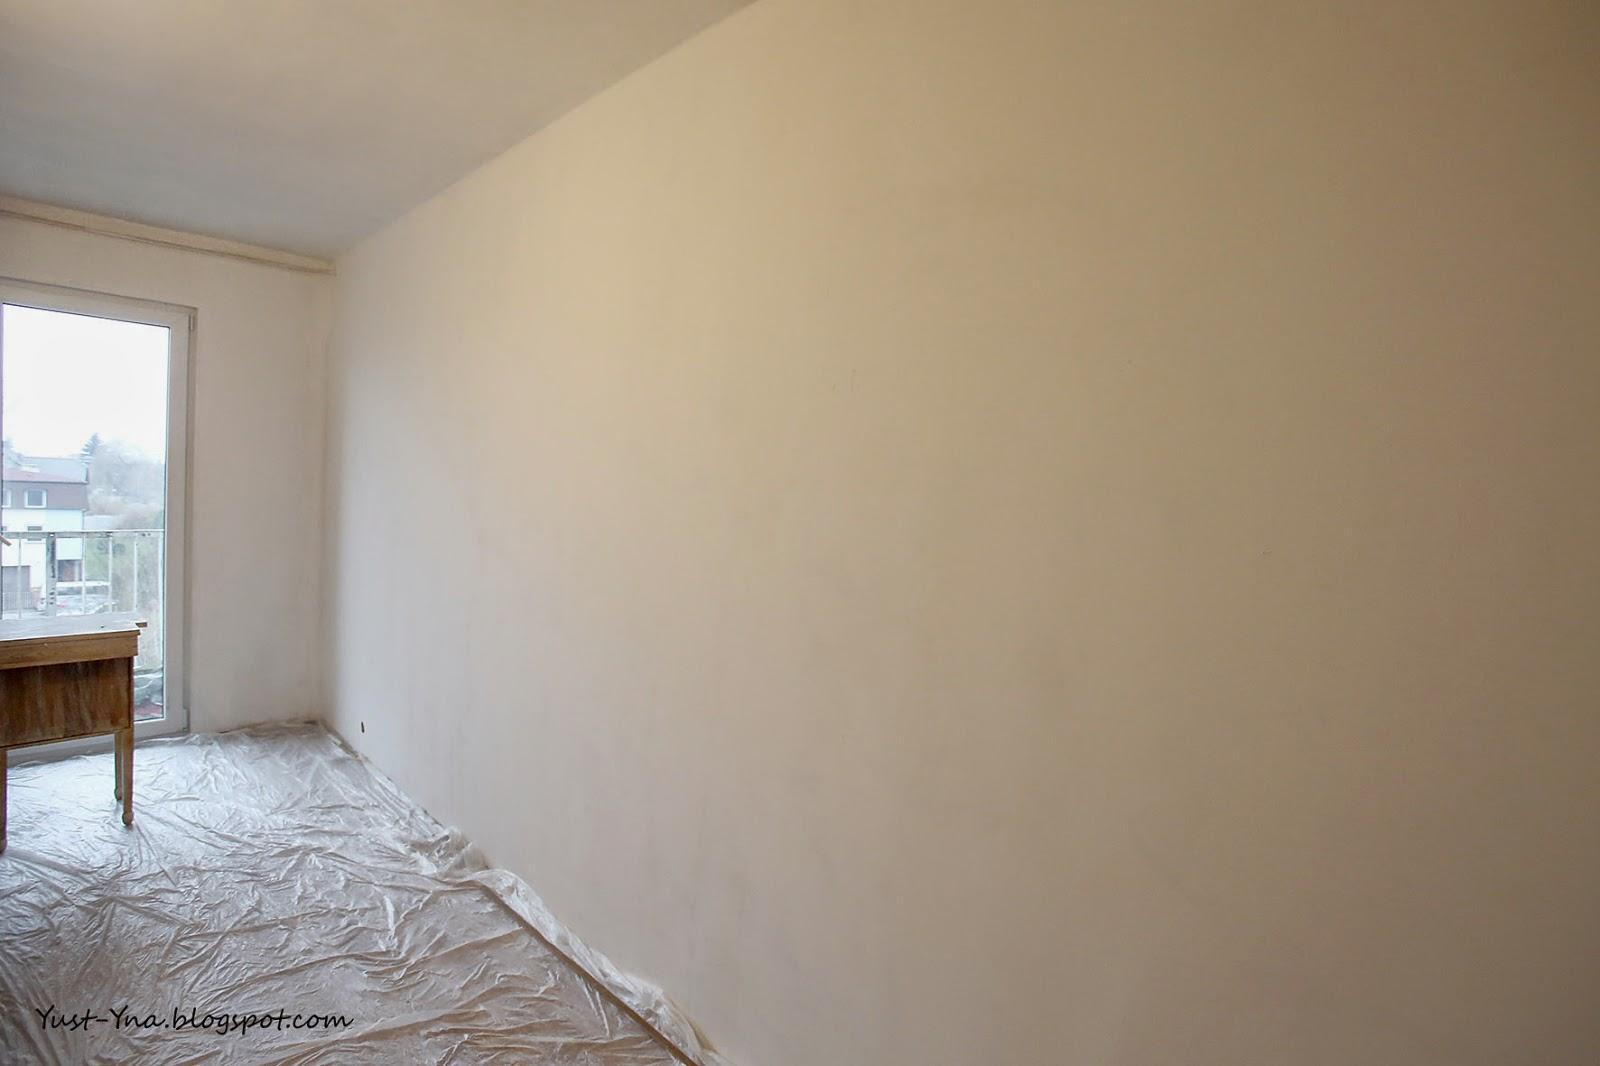 malowanie pokoju krok po kroku